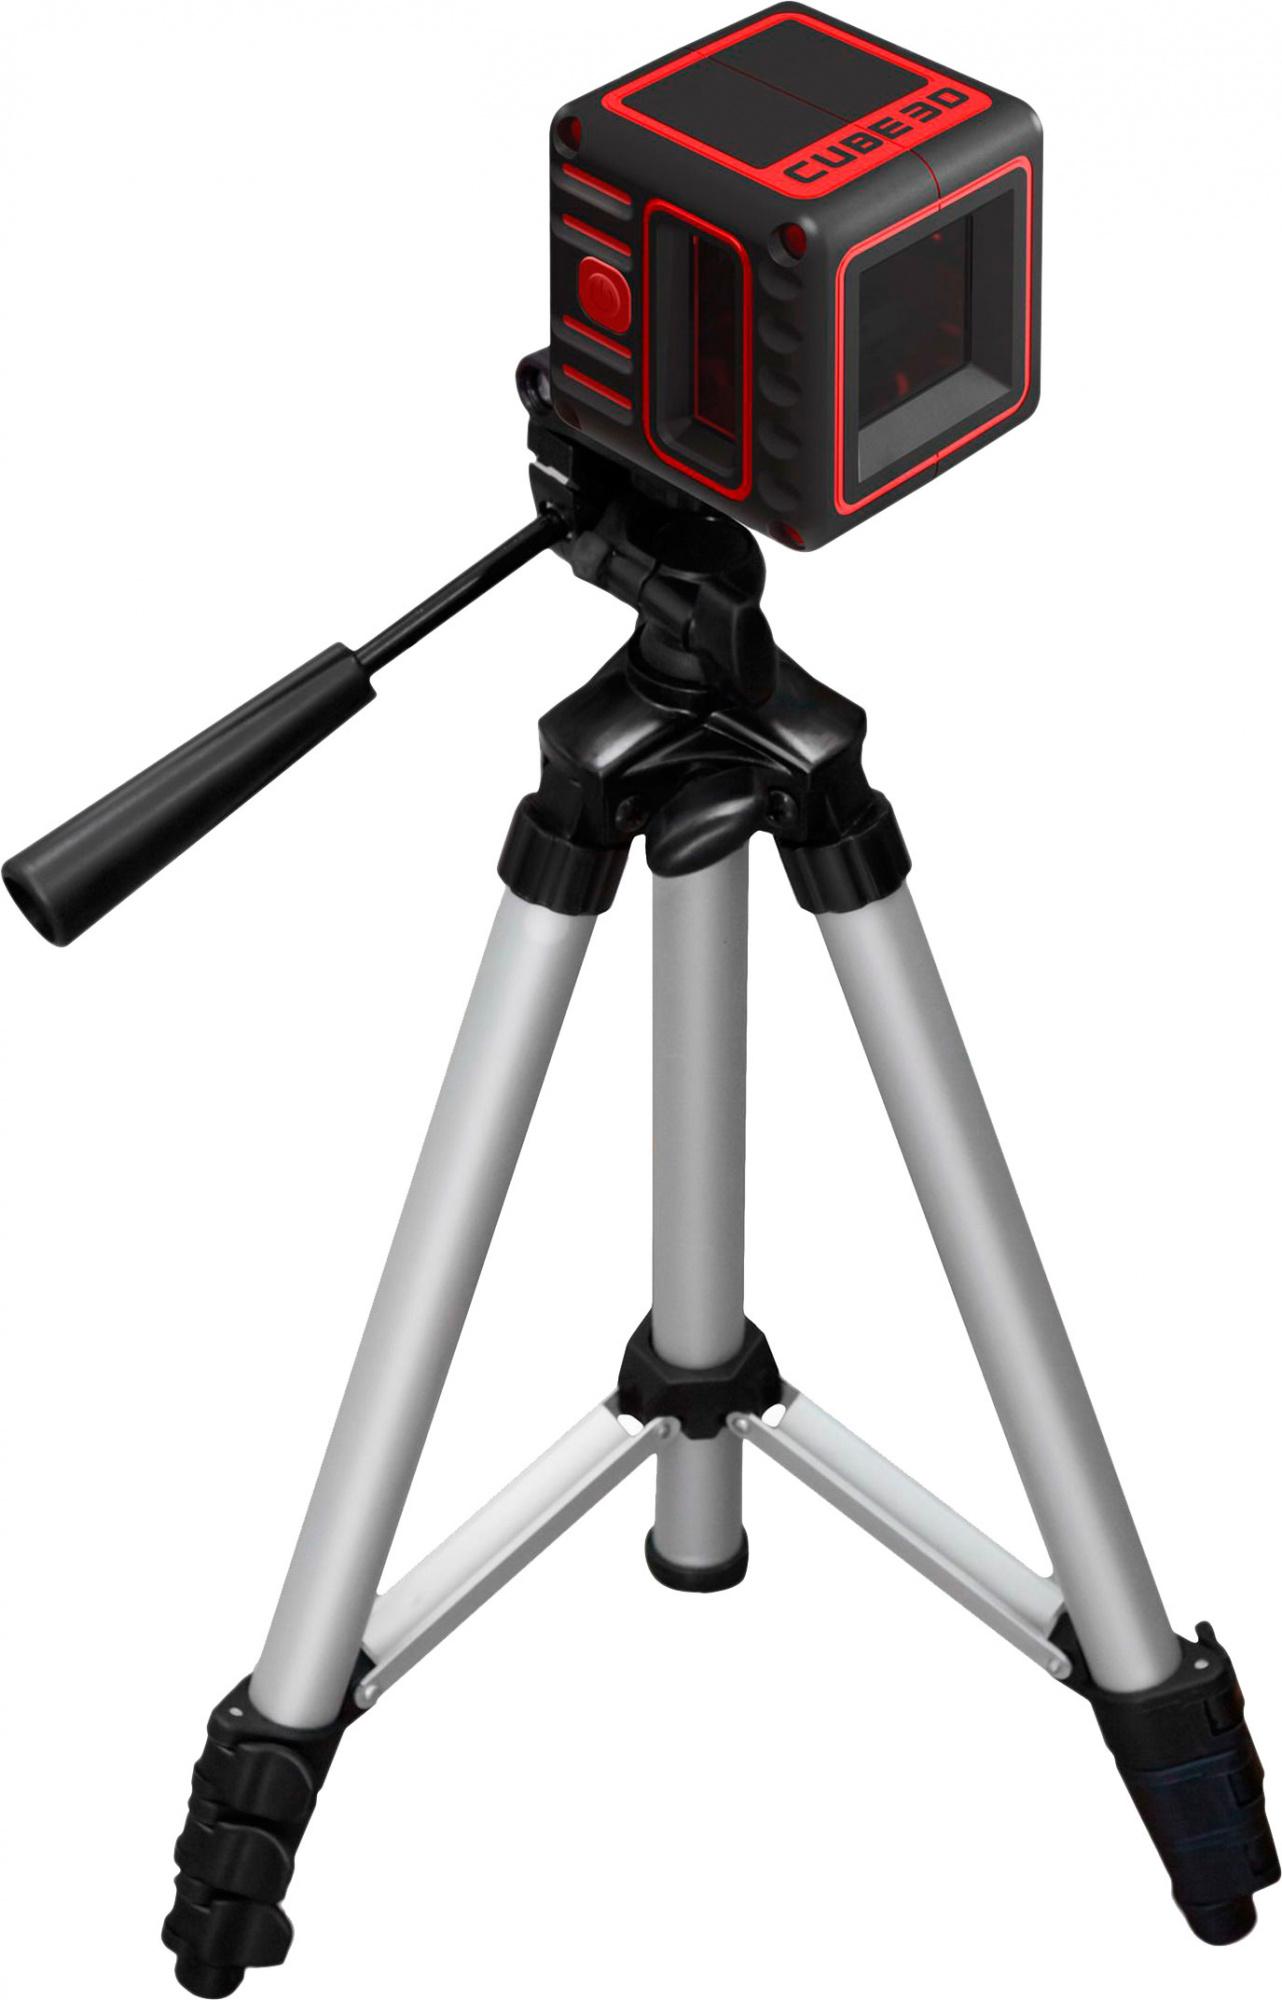 Cube 3DЛазерные нивелиры<br>Построитель лазерных плоскостей<br>